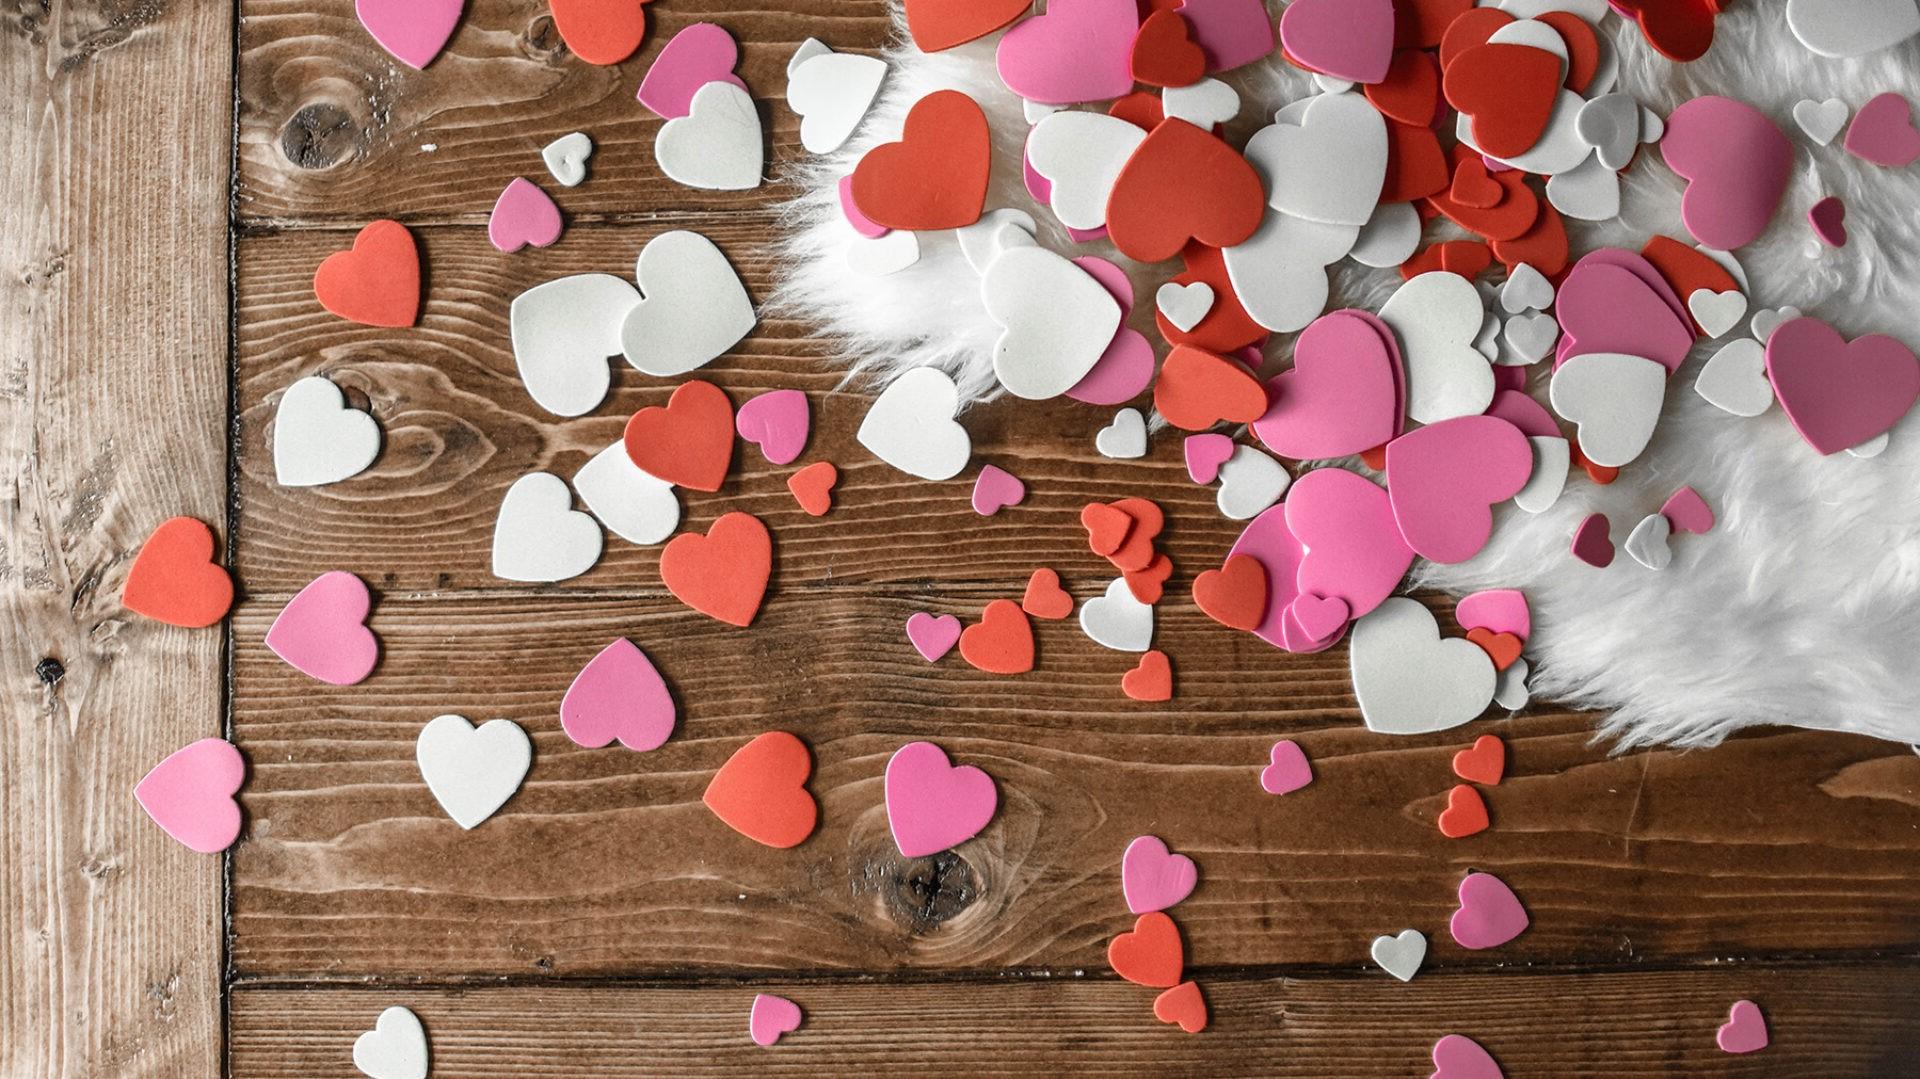 Couvrez le lit de confettis en forme de cœur.